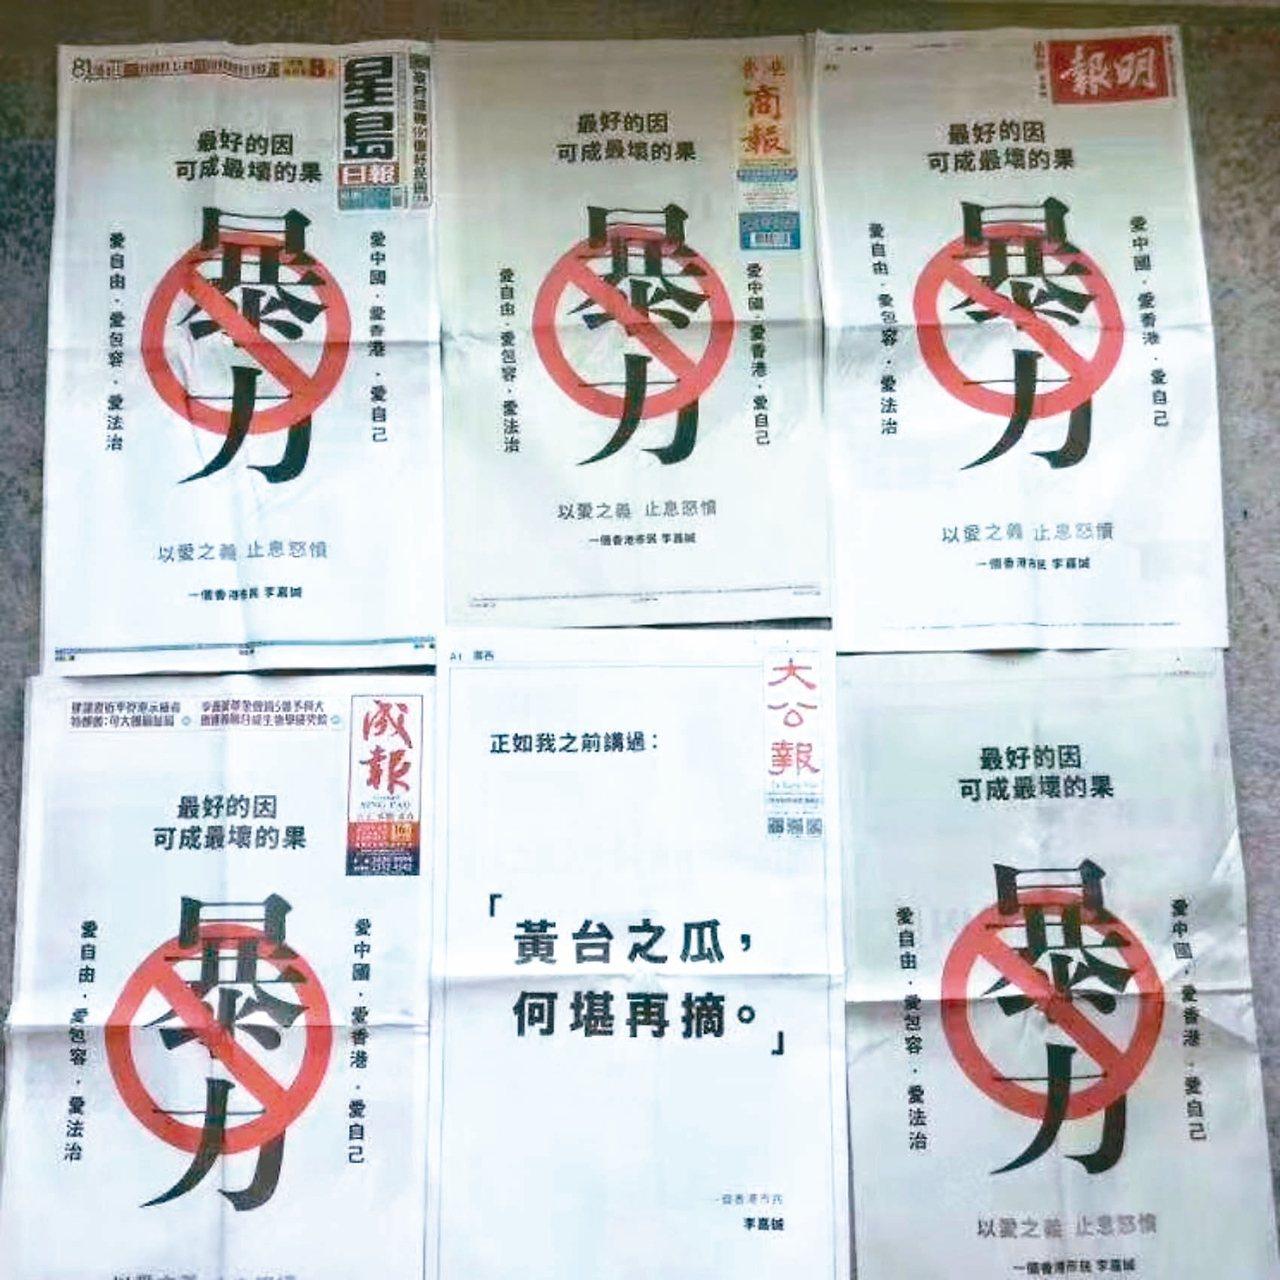 香港首富李嘉誠昨天在全港報紙發表兩款內容不同的全版廣告,引起香港社會熱議。 圖/...